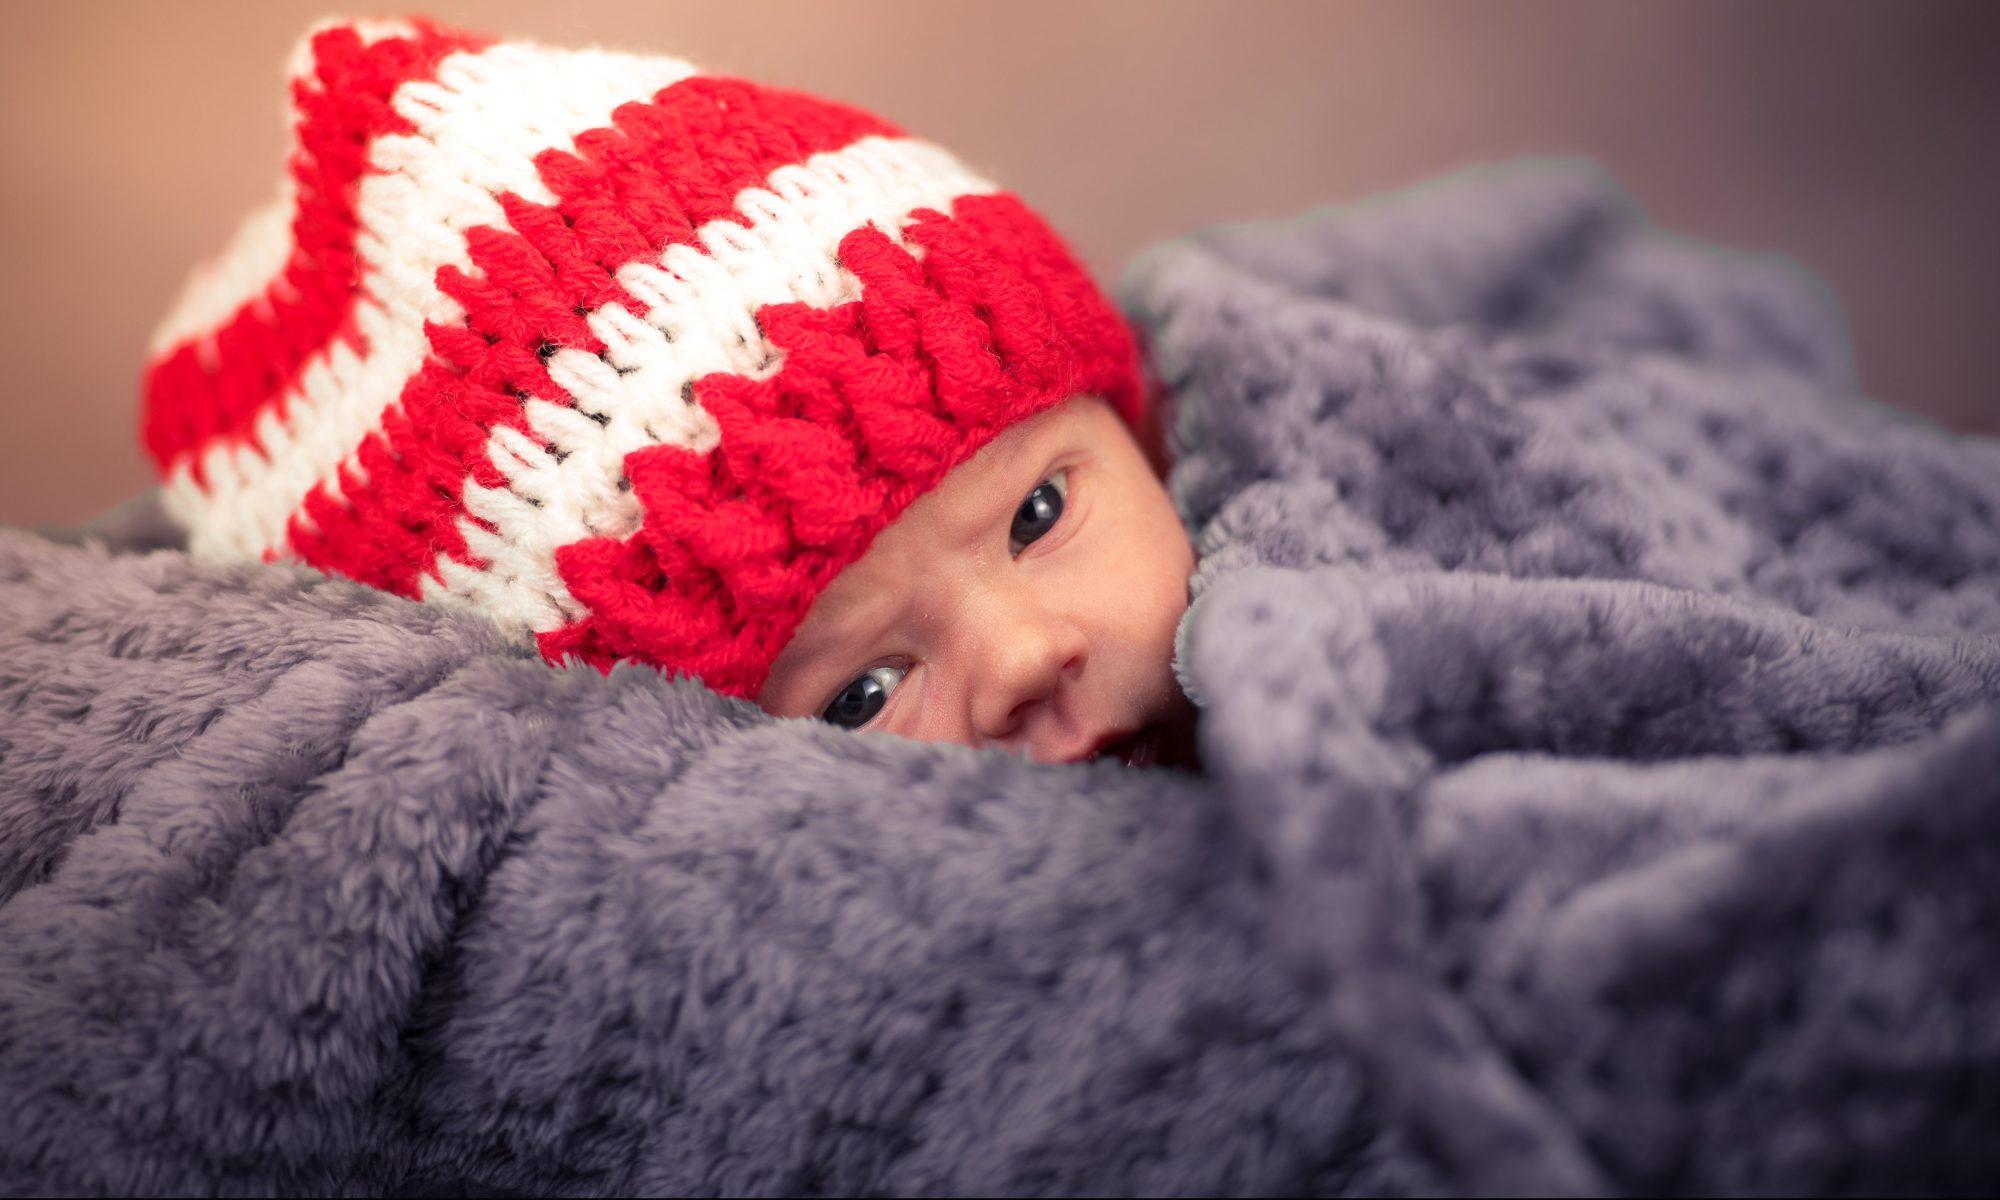 bébé avec un bonnet emmitouflé dans une couverture